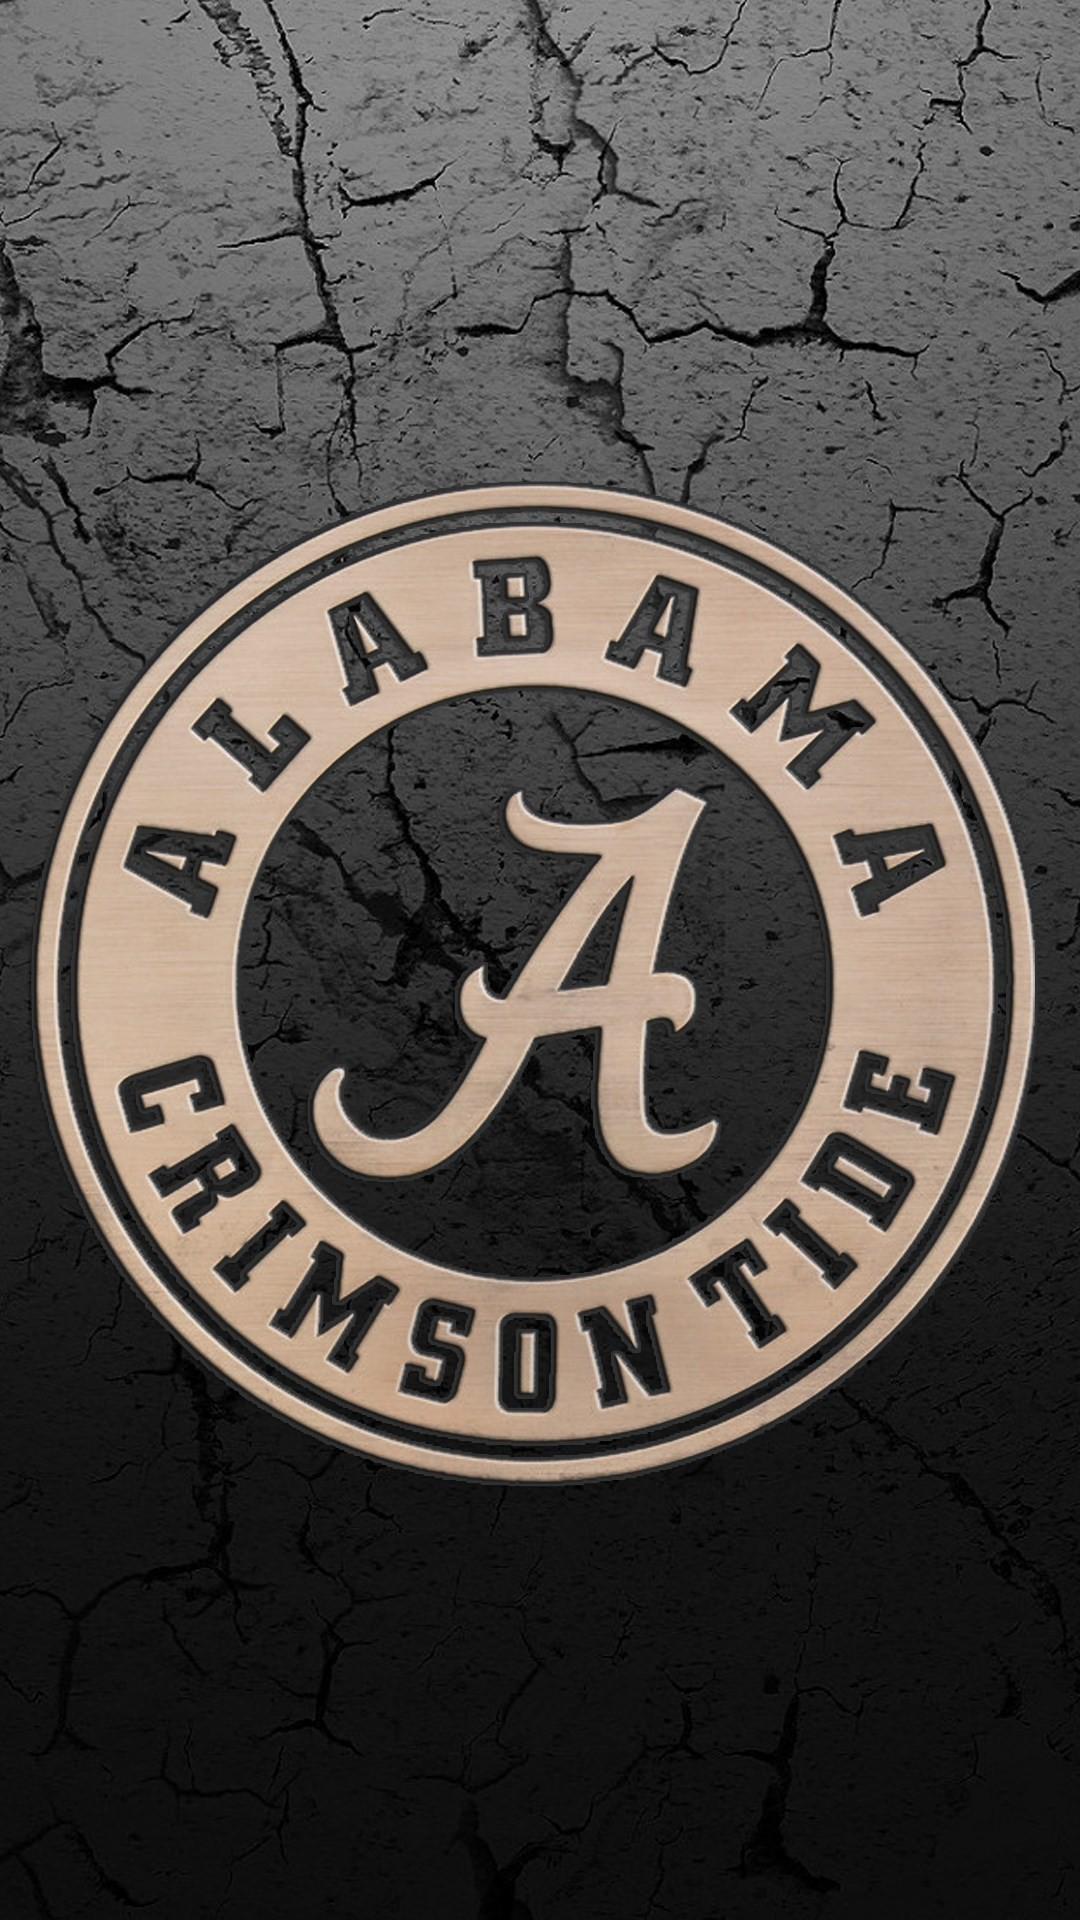 alabama crimson tide logo wallpaper 61 images